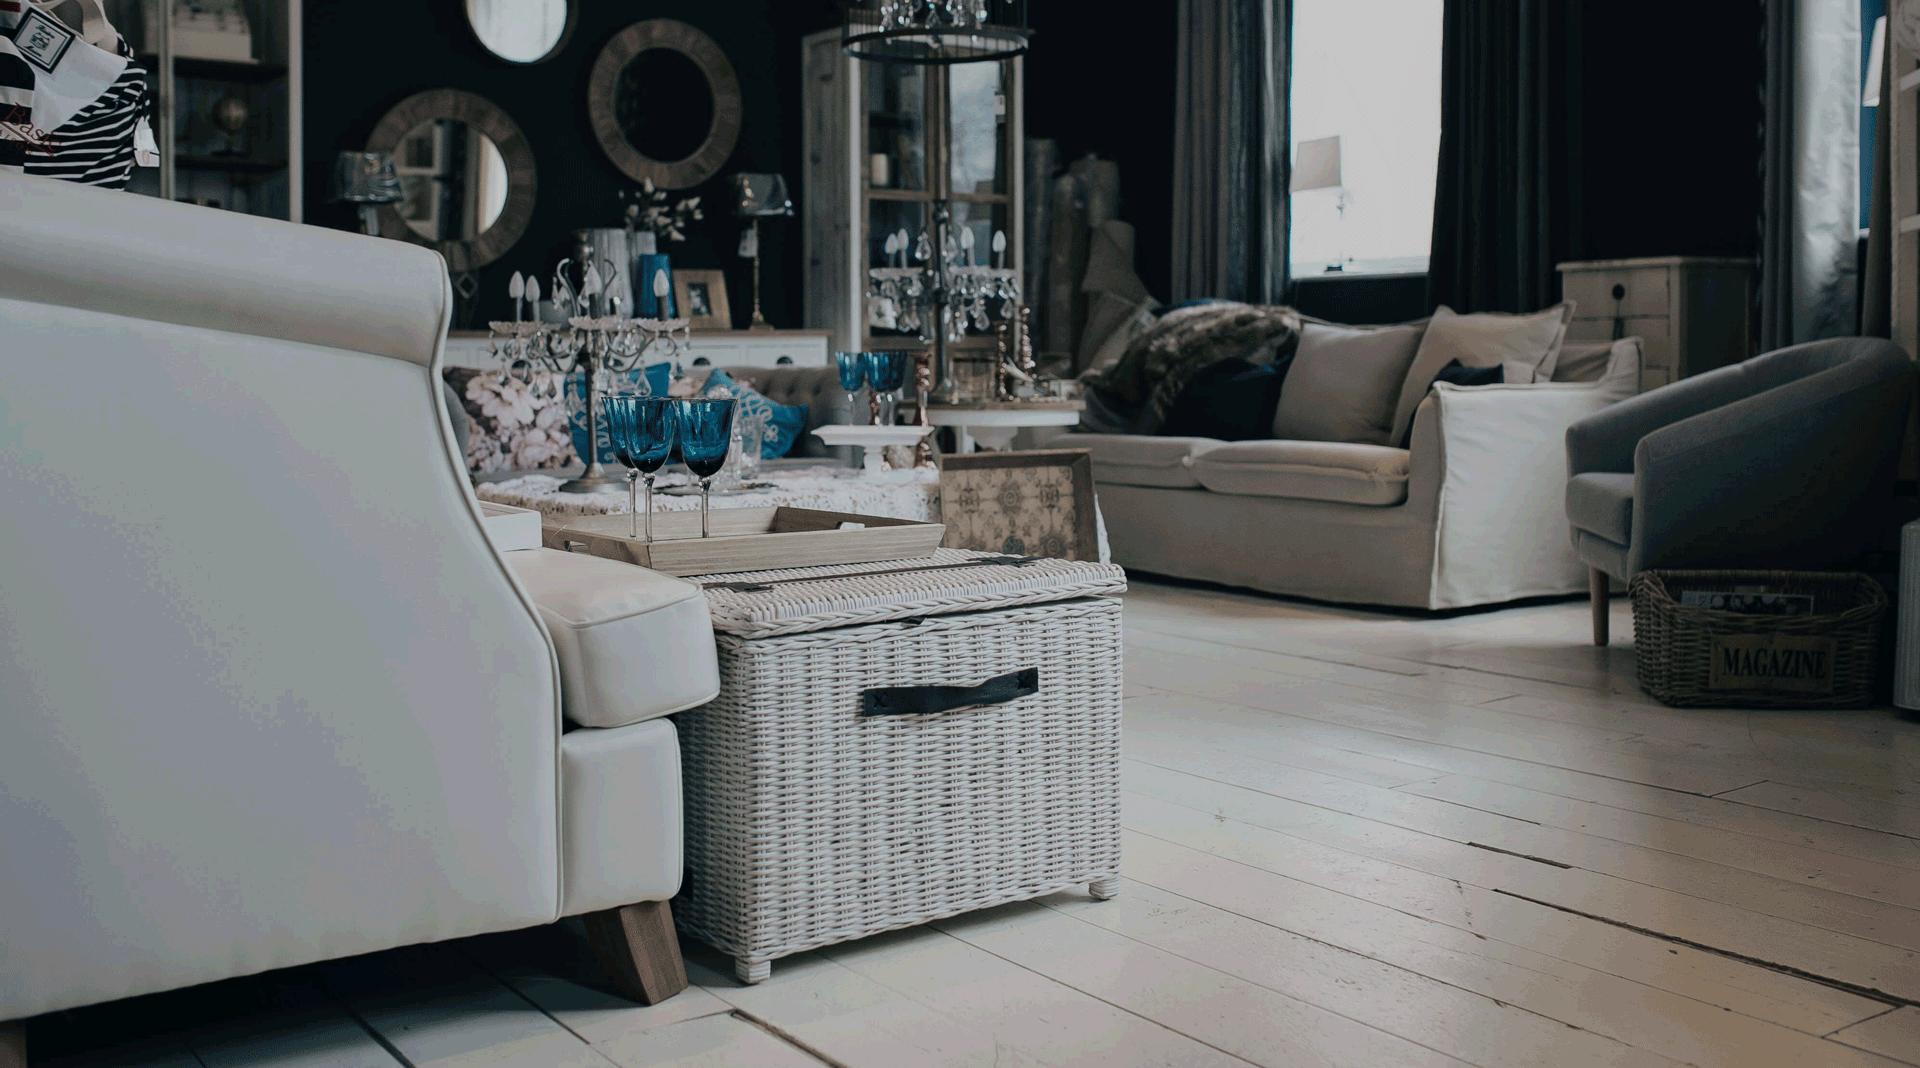 serwis-czyszczenie-tapicerki-wroclaw-130